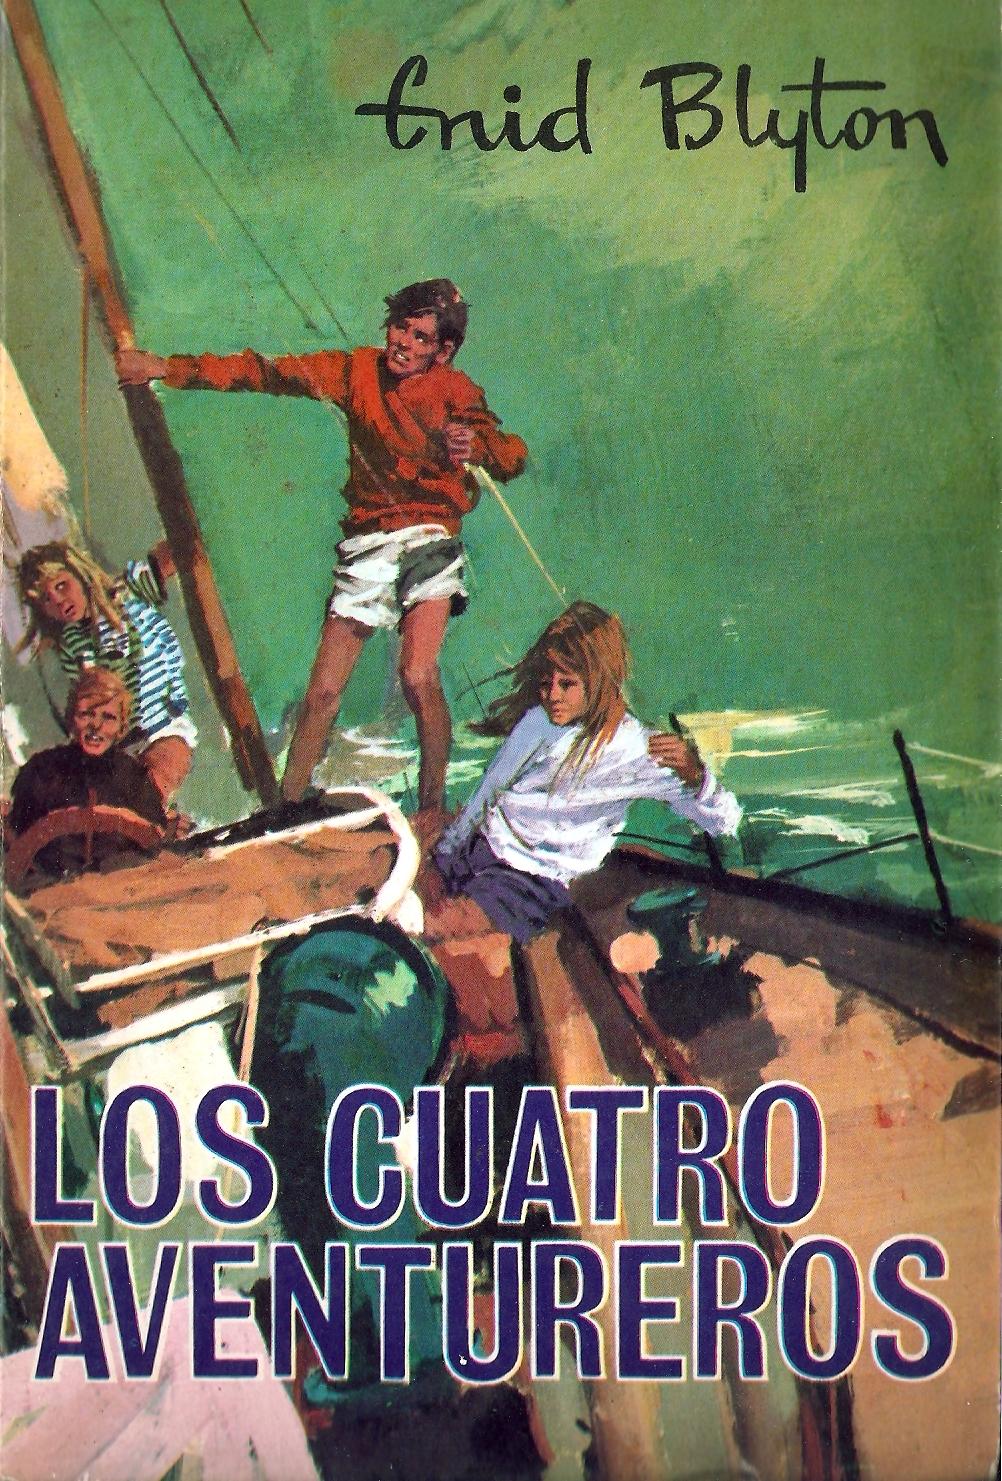 Los cuatro aventureros Enid Blyton